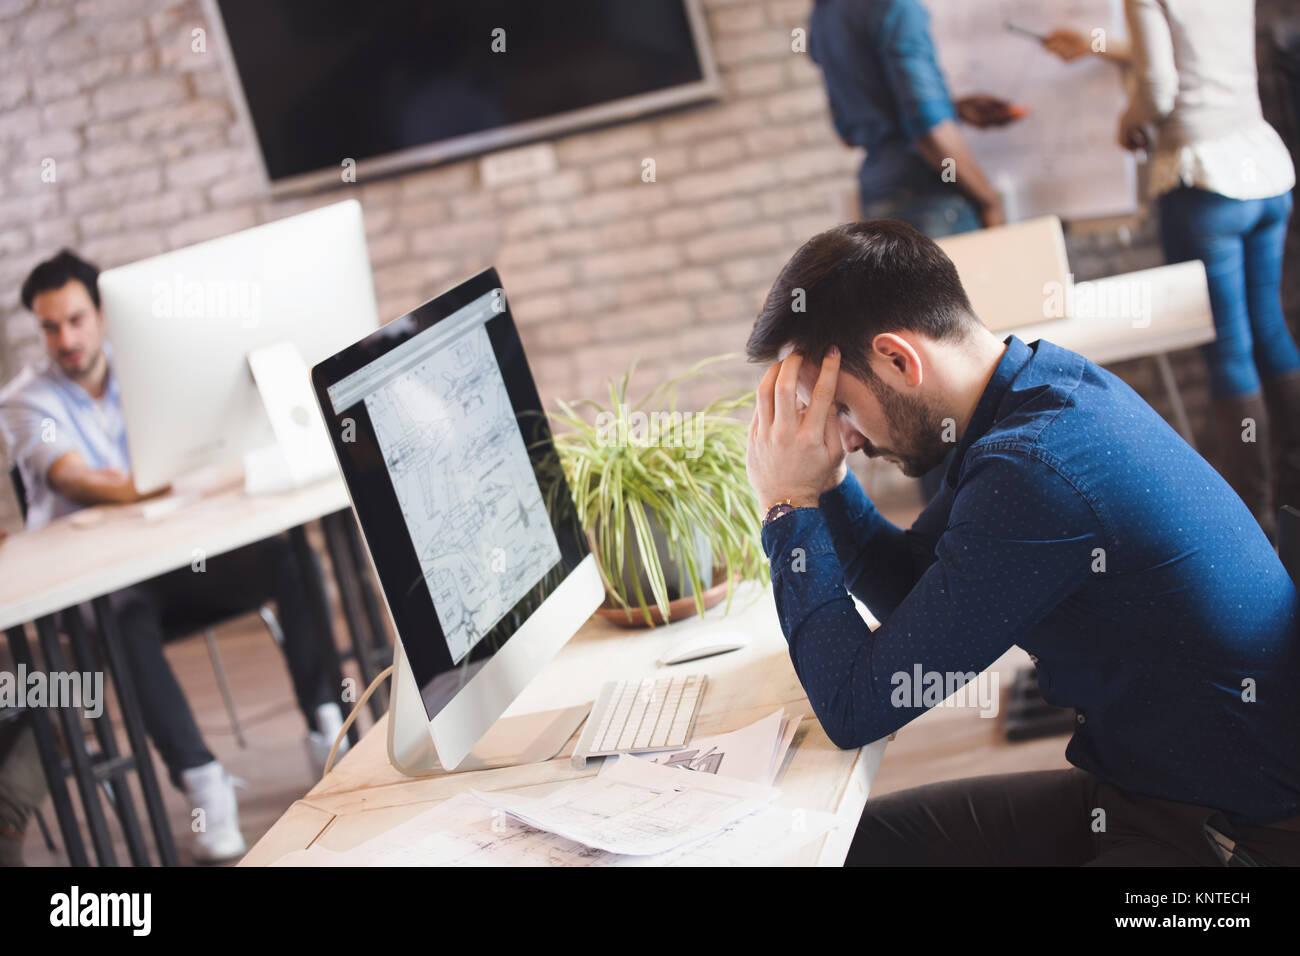 Foto Lavoro Ufficio : Lavoro e vita privata quanto stress ci portiamo a casa lady o